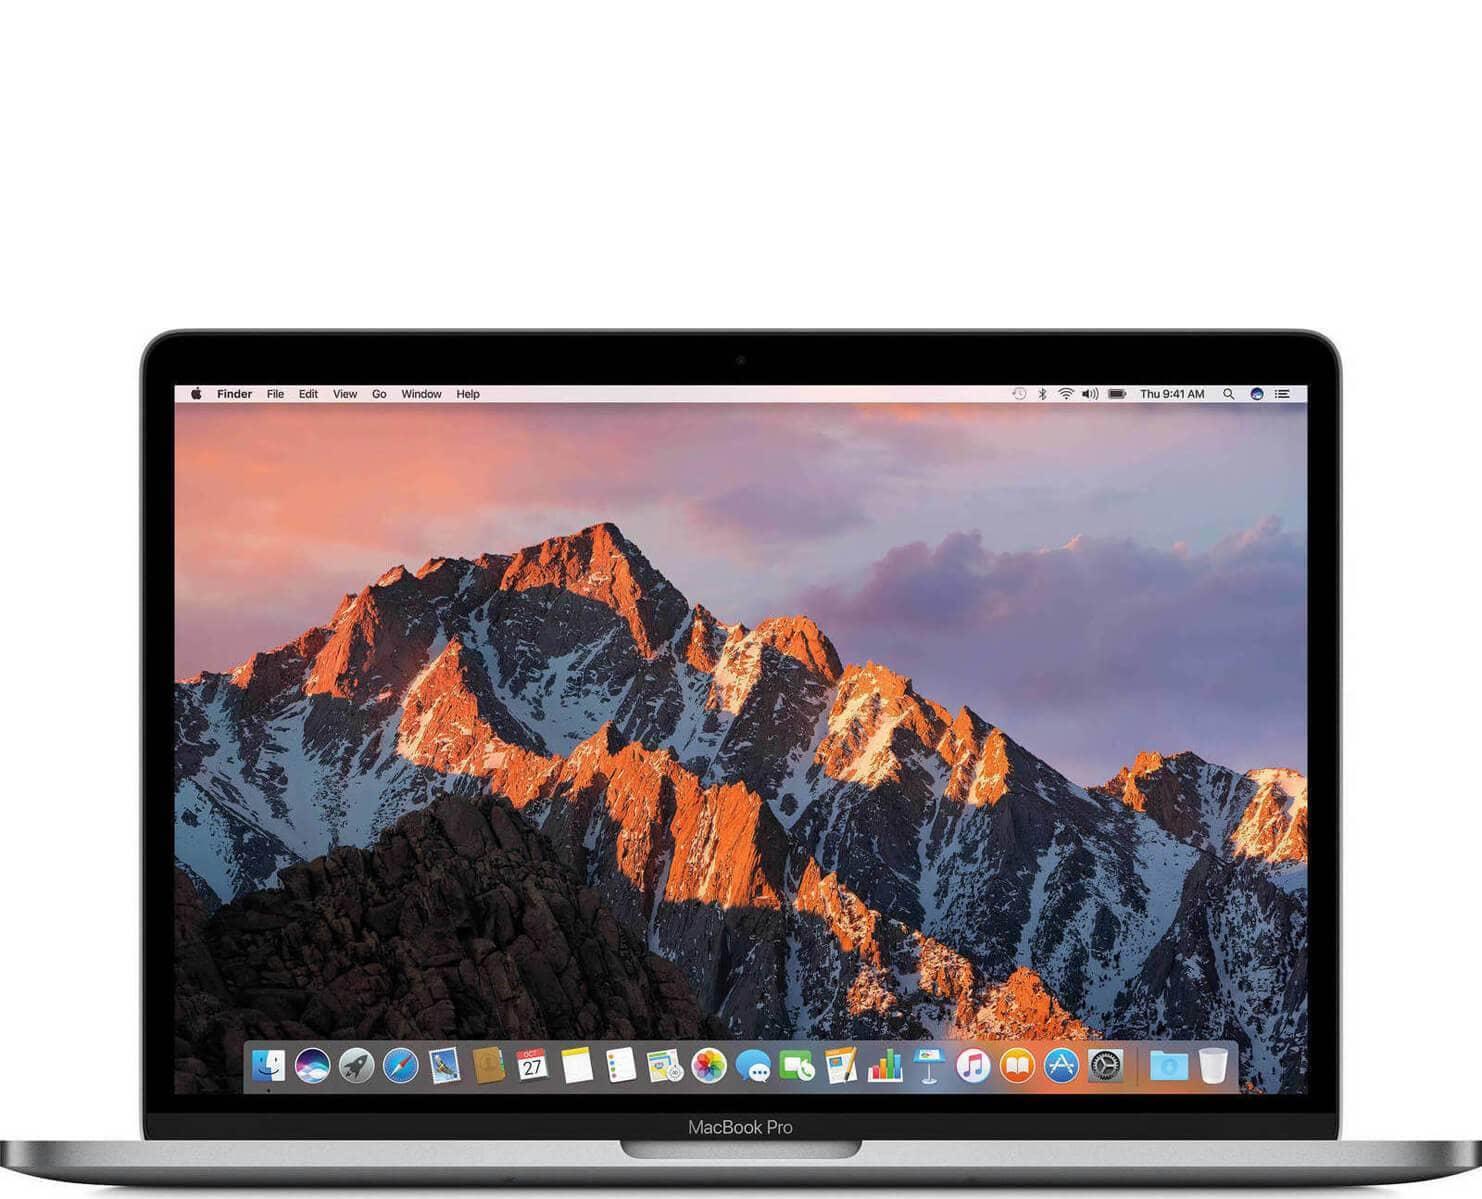 Macbook Pro 15 (A1286)